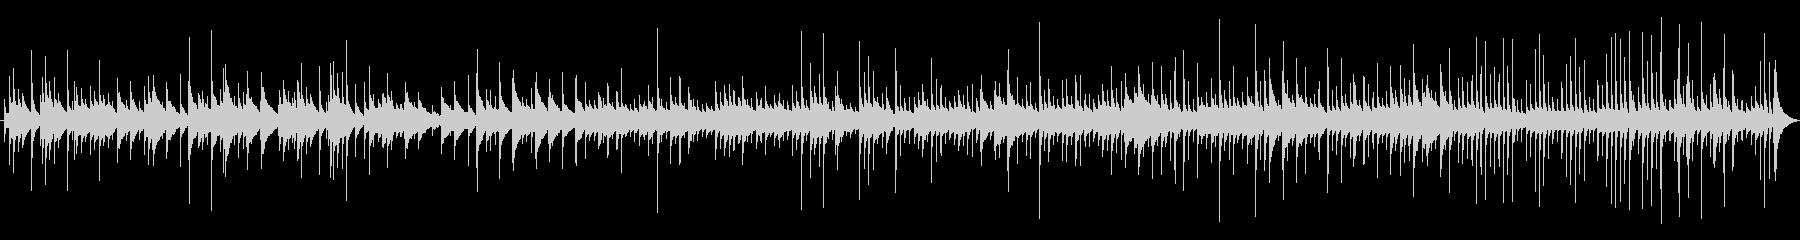 【明るいオルゴール】汎用性のあるループ曲の未再生の波形